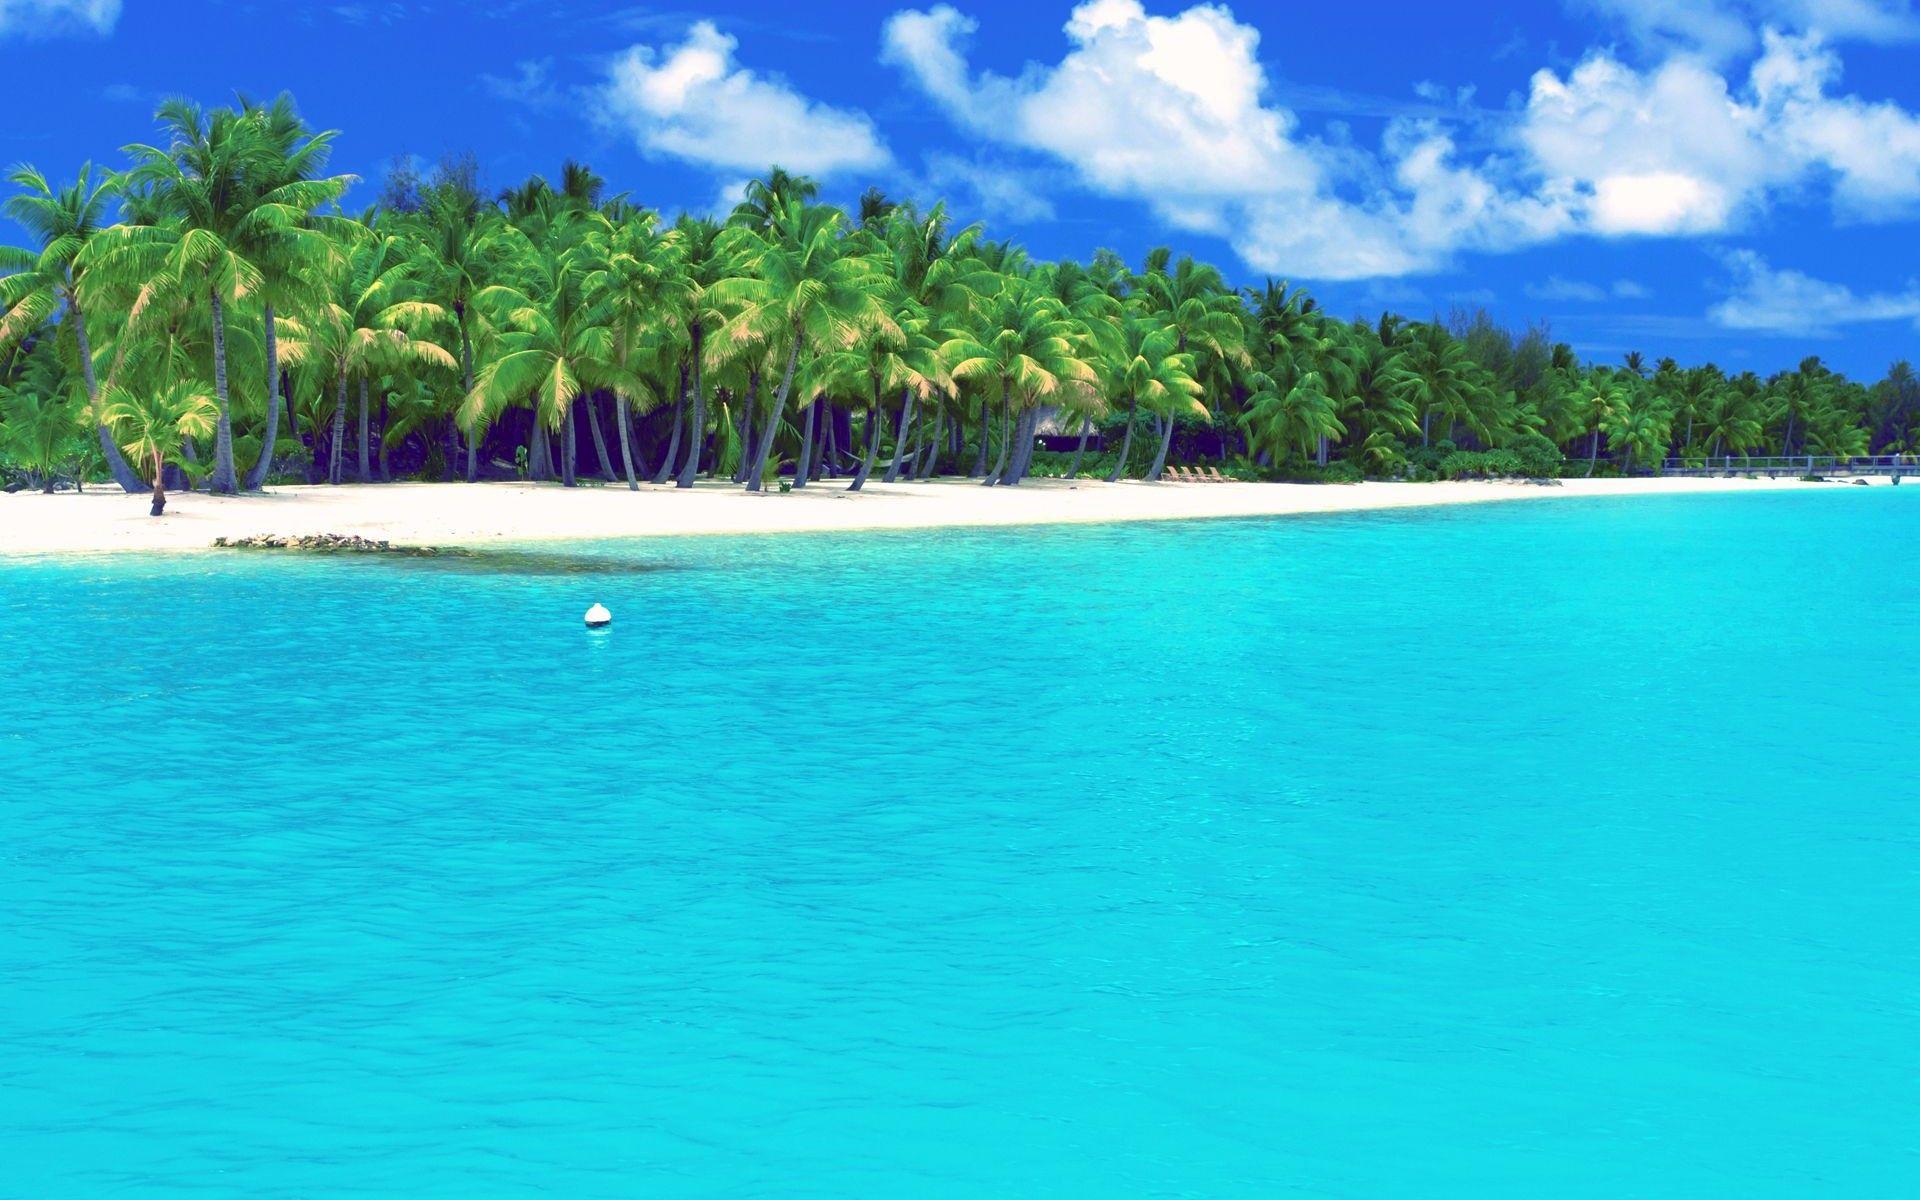 Bora Bora French Polynesia Beach Wallpaper Maldives Wallpaper Nature Wallpaper